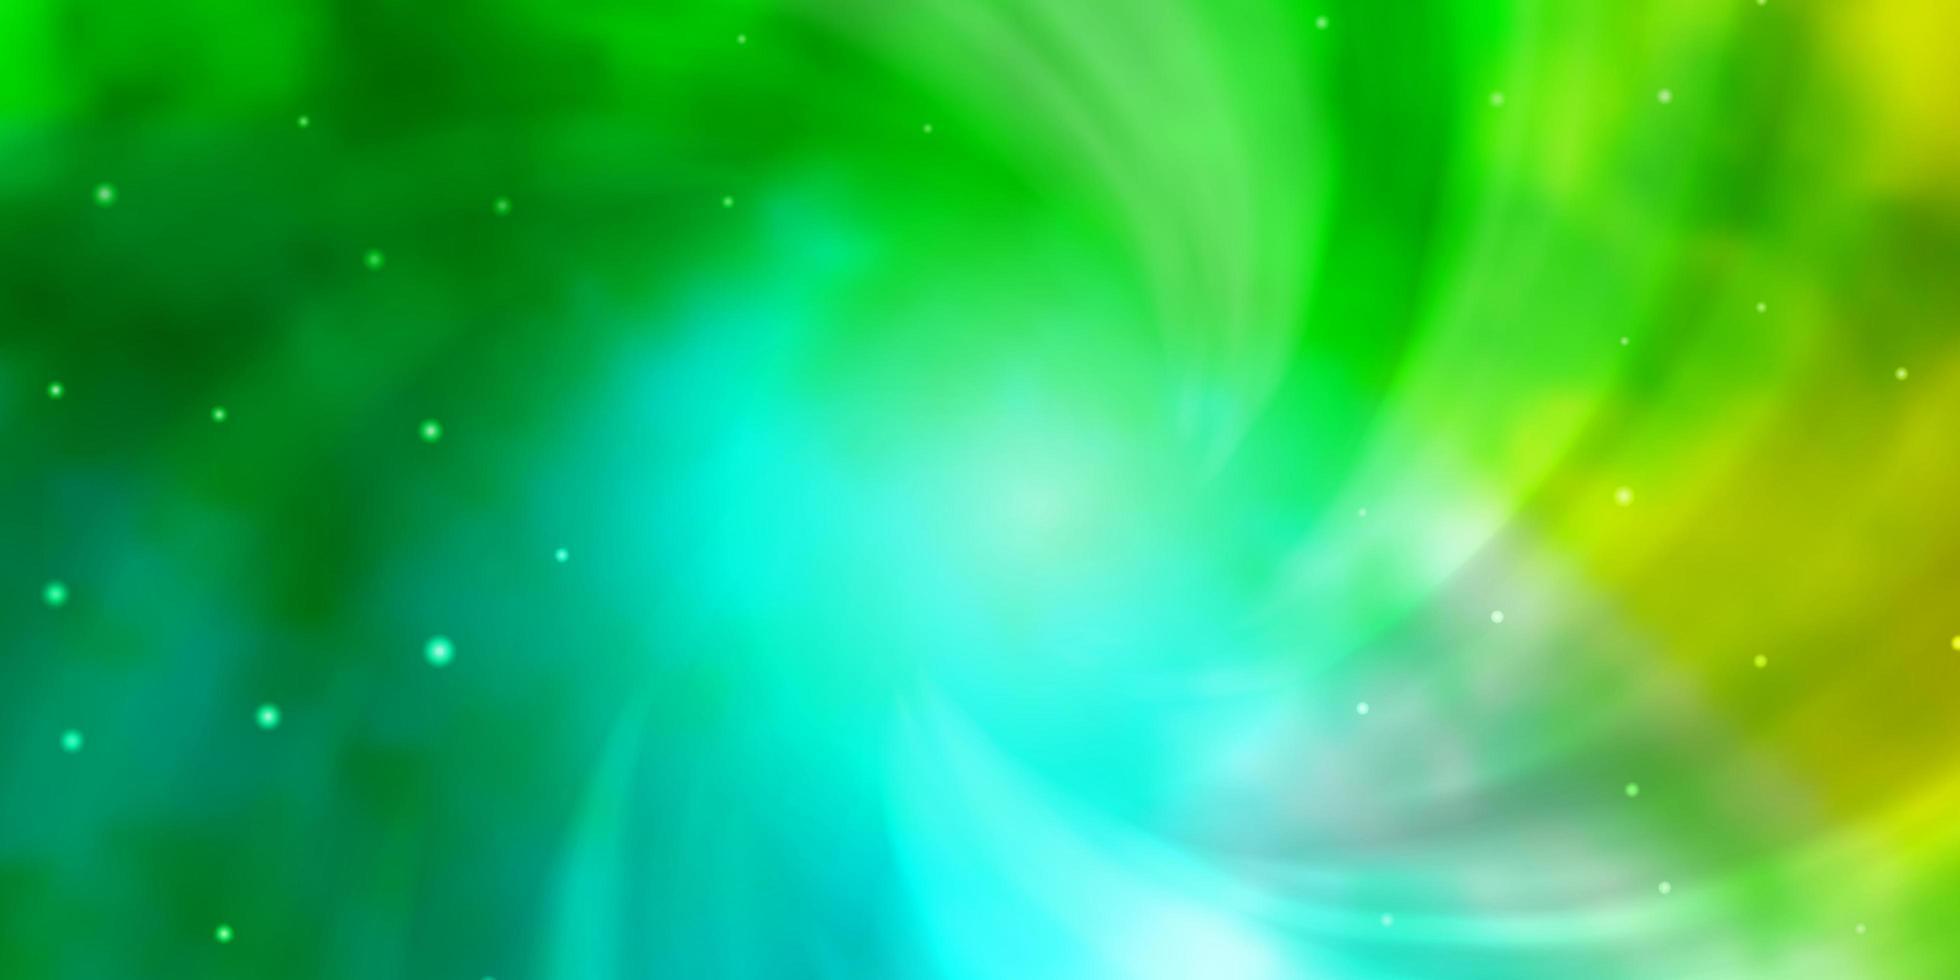 groen patroon met abstracte sterren. vector